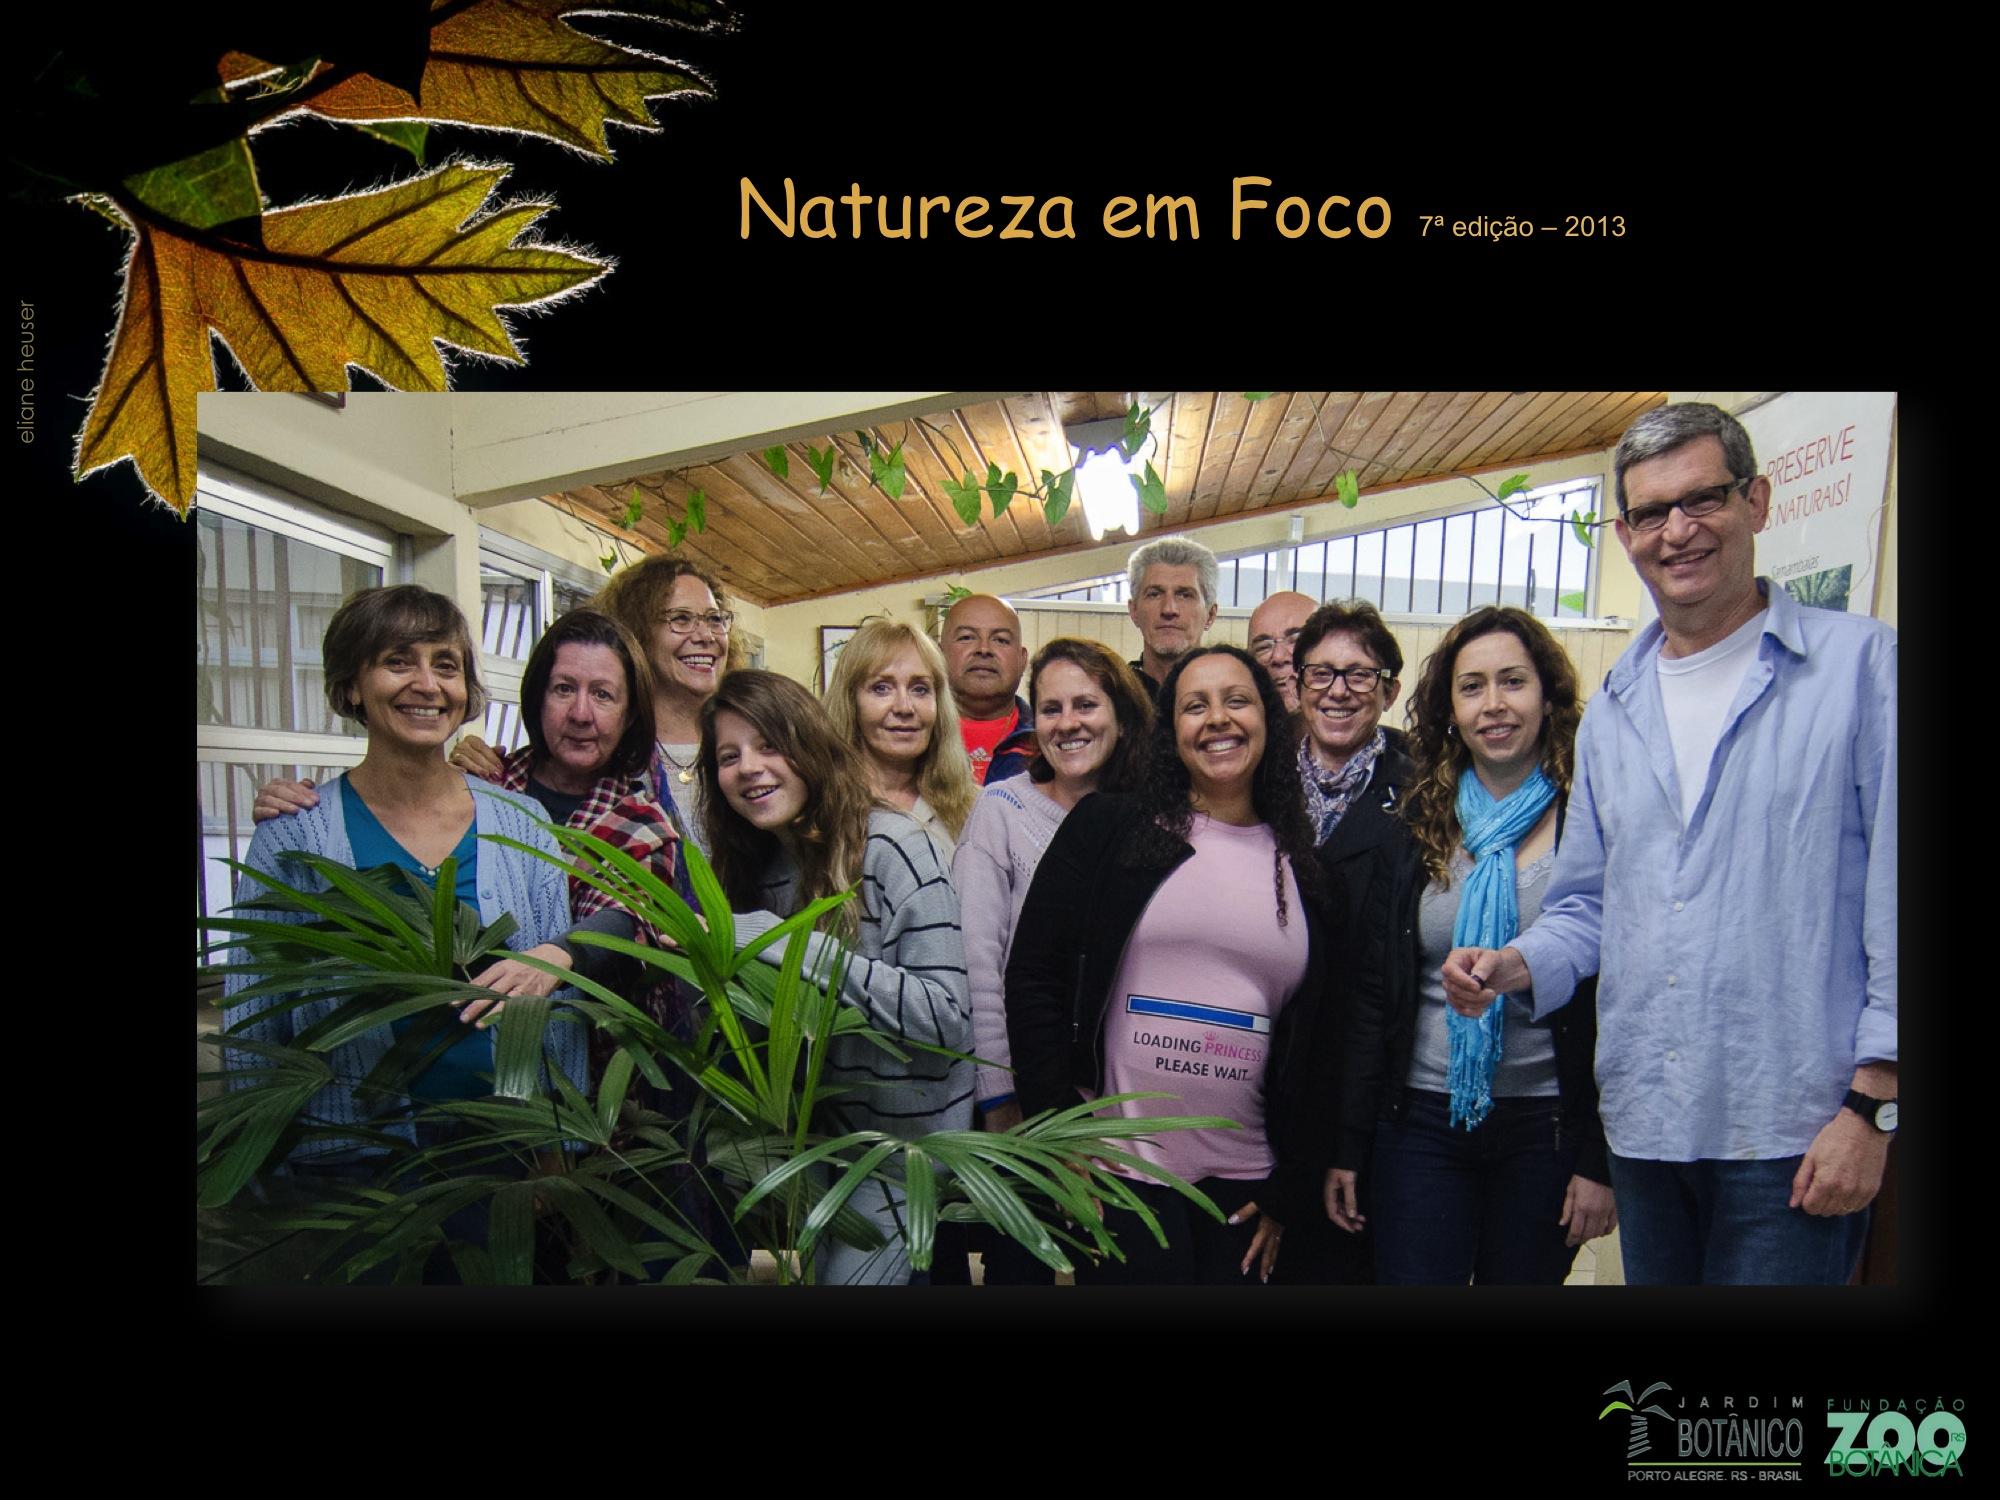 Natureza em Foco 7ª edição